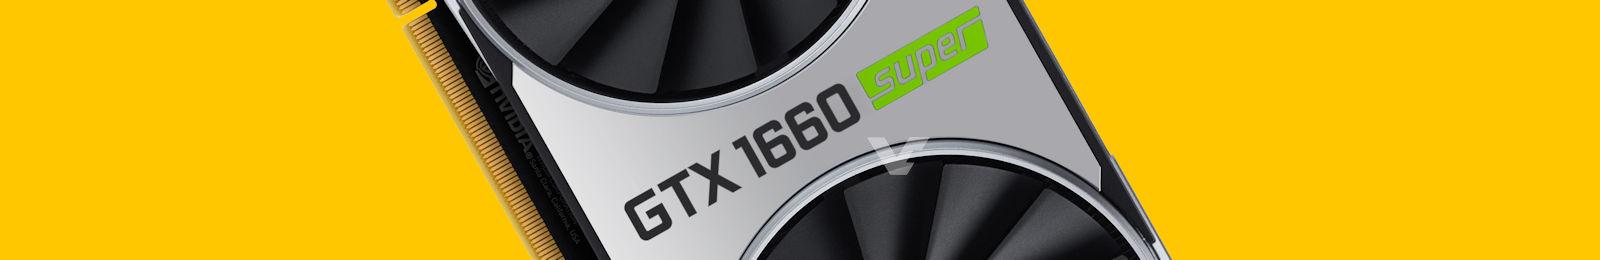 NVIDIA chính thức ra mắt Geforce GTX Super đầu tiên GTX 1660